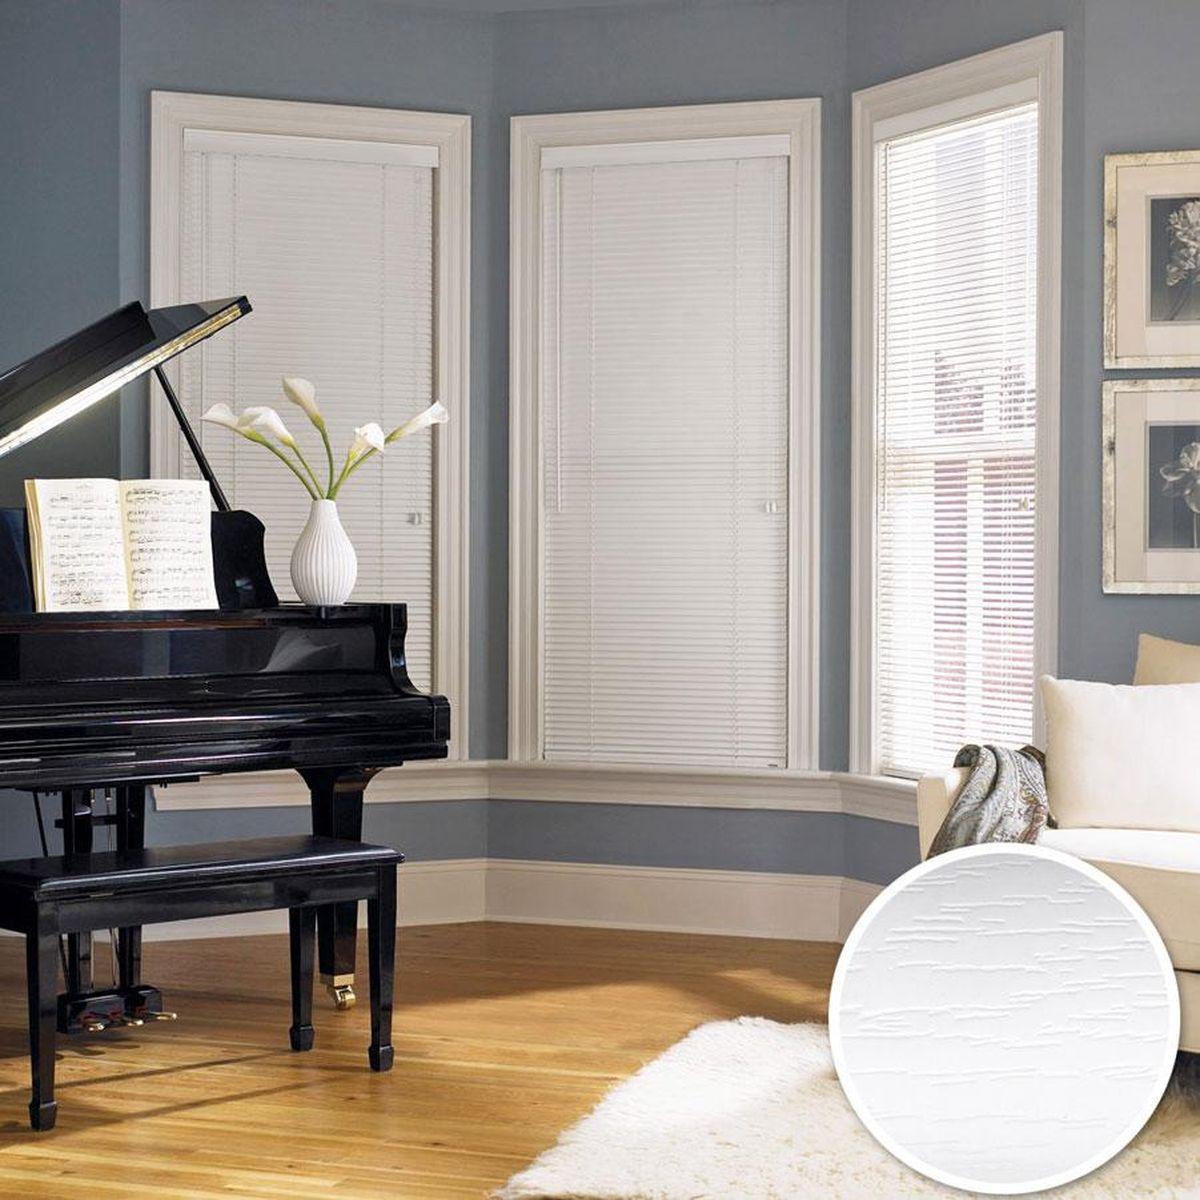 Жалюзи Эскар, цвет: белый, ширина 100 см, высота 160 см61008100160Для того чтобы придать интерьеру изюминку и завершенность, нет ничего лучше, чем использовать жалюзи на окнах квартиры, дома или офиса. С их помощью можно подчеркнуть индивидуальный вкус, а также стилевое оформление помещения. Помимо декоративных функций, жалюзи выполняют и практические задачи: они защищают от излишнего солнечного света, не дают помещению нагреваться, а также создают уют в темное время суток. Пластиковые жалюзи - самое универсальное и недорогое решение для любого помещения. Купить их может каждый, а широкий выбор размеров под самые популярные габариты сделает покупку простой и удобной. Пластиковые жалюзи имеют высокие эксплуатационные характеристики - они гигиеничны, что делает их незаменимыми при монтаже в детских и медицинских учреждениях.